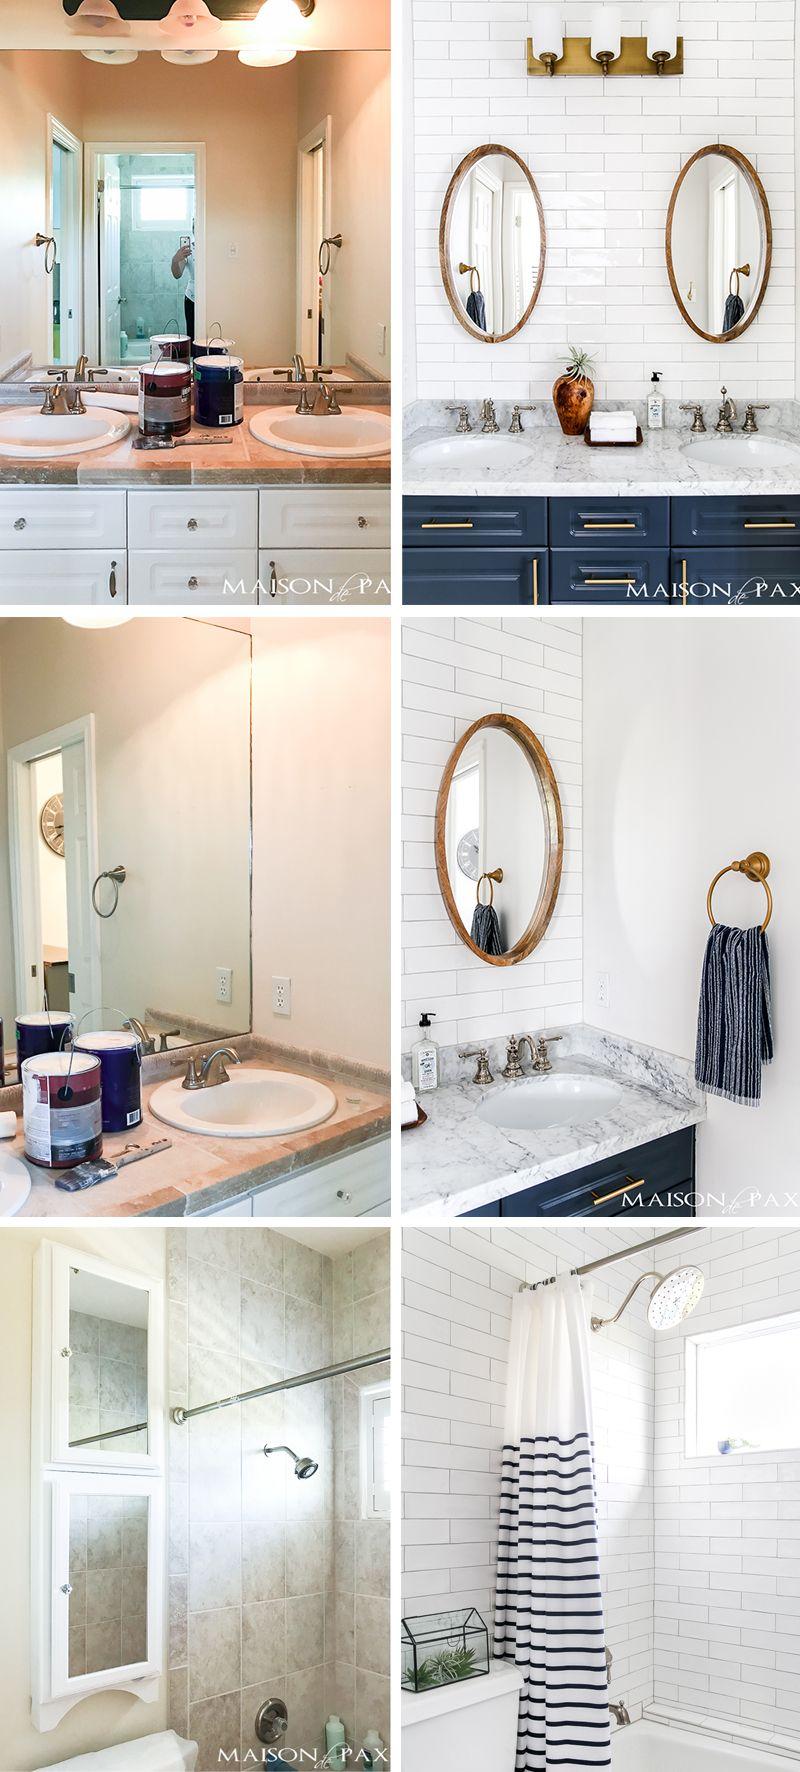 Navy And White Bathroom Makeover Maison De Pax White Bathroom Bathrooms Remodel Small Bathroom Renovations [ jpg ]